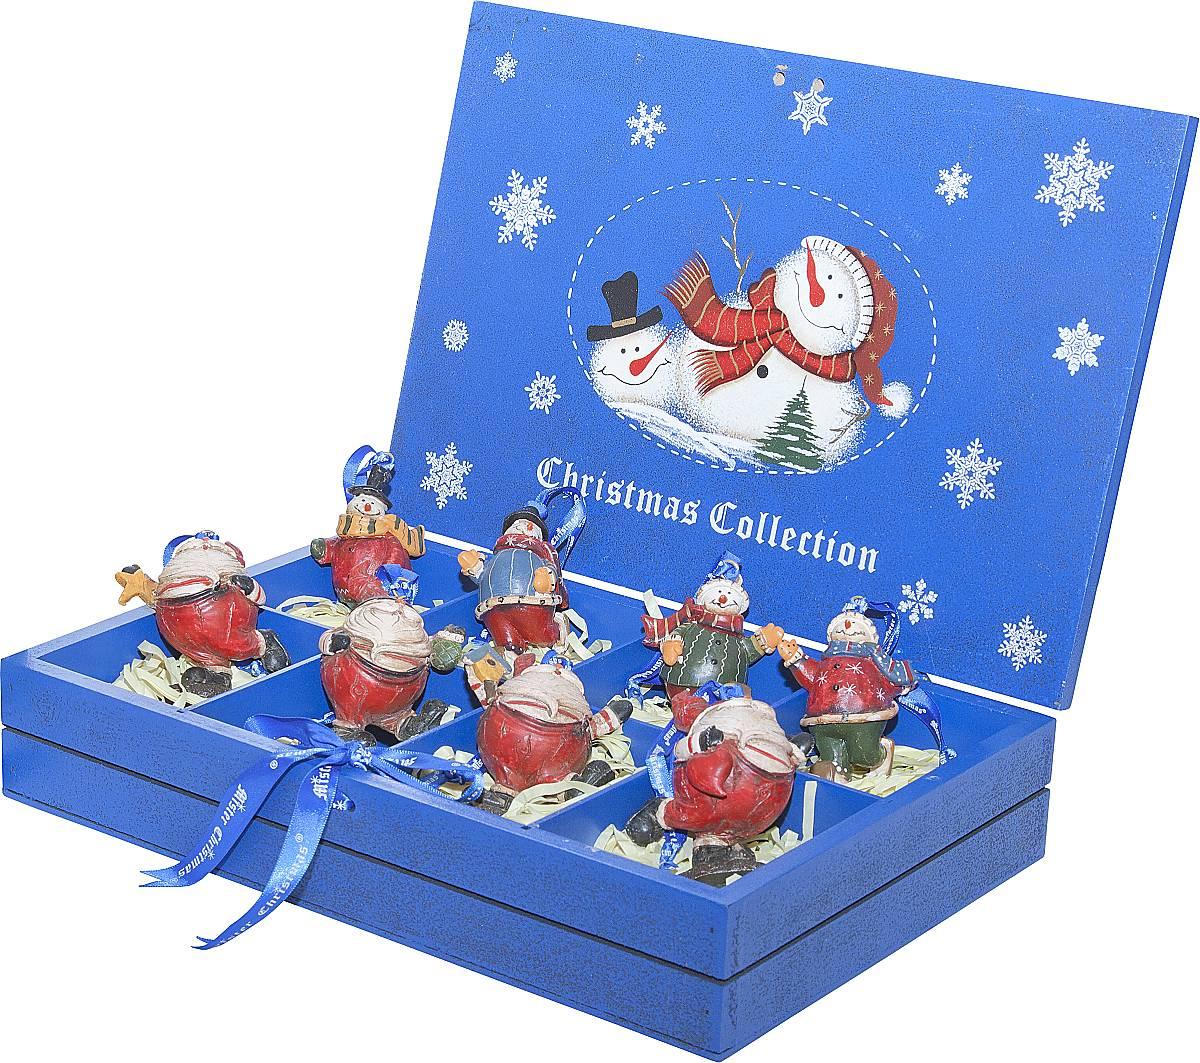 Набор новогодних подвесных украшений Mister Christmas, длина 8,5 см, 8 штML15240RНабор подвесных украшений Mister Christmas поможет стильно украсить новогоднюю елку. Изделия, выполненные из полистоуна в виде любимых нами Деда Мороза и снеговика, не оставят равнодушным никого, кто придет в ваш дом. Такие украшения не боятся падения, света или влаги и несмотря на размер достаточно легкие. Игрушки оснащены петелькой для подвешивания. Набор упакован в коробку из натуральной древесины, выкрашенную в насыщенный голубой цвет и украшенную рисунком. Такие украшения станут превосходным подарком к Новому году, а так же дополнят коллекцию оригинальных новогодних елочных игрушек.